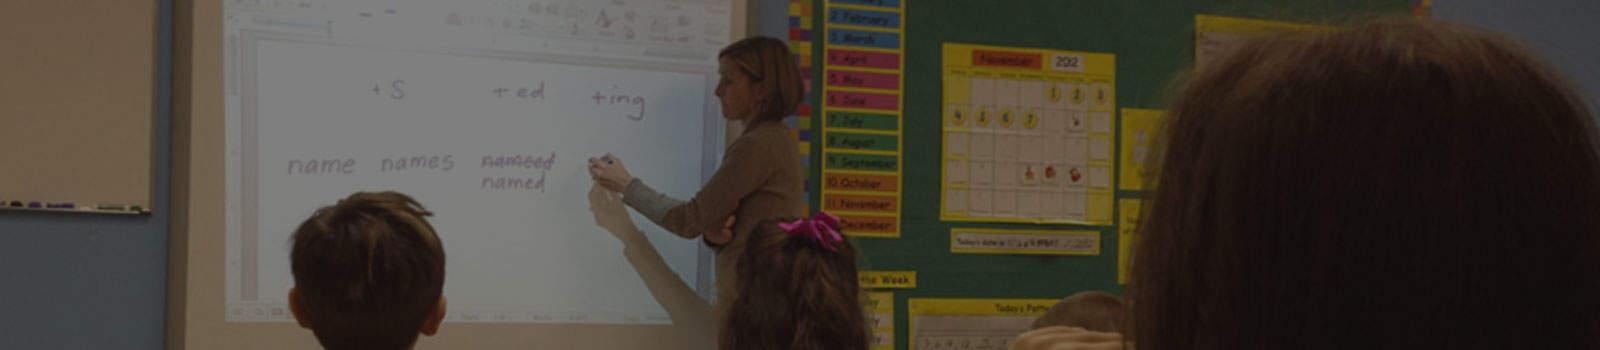 teacher using whiteboard